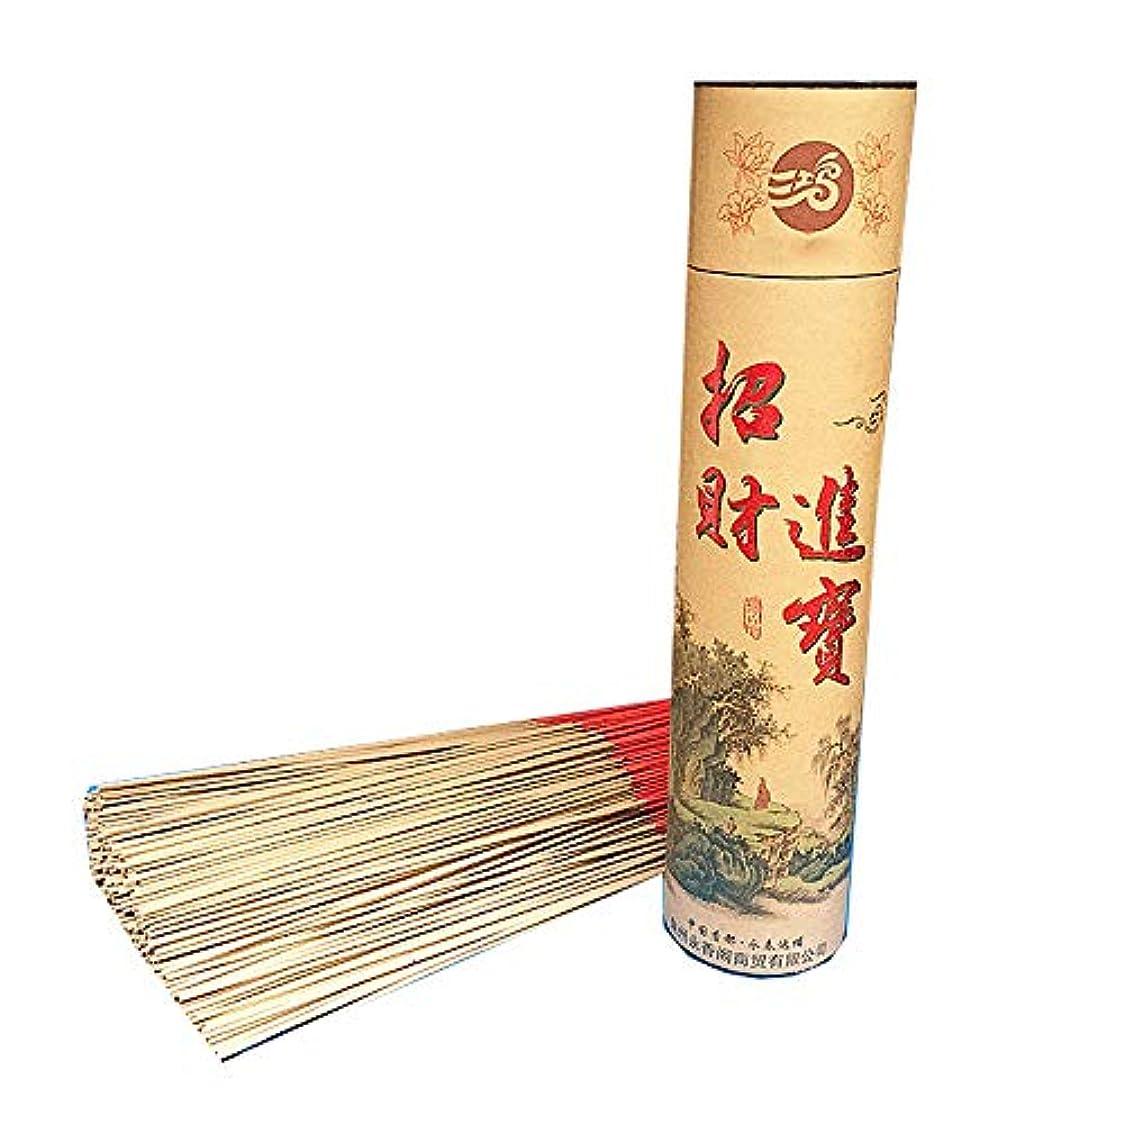 口述死意図ZeeStar チャイニーズジョススティック 無香 香料 香りなし 香りつき 香りつき ジョススティック 13インチ(480本)